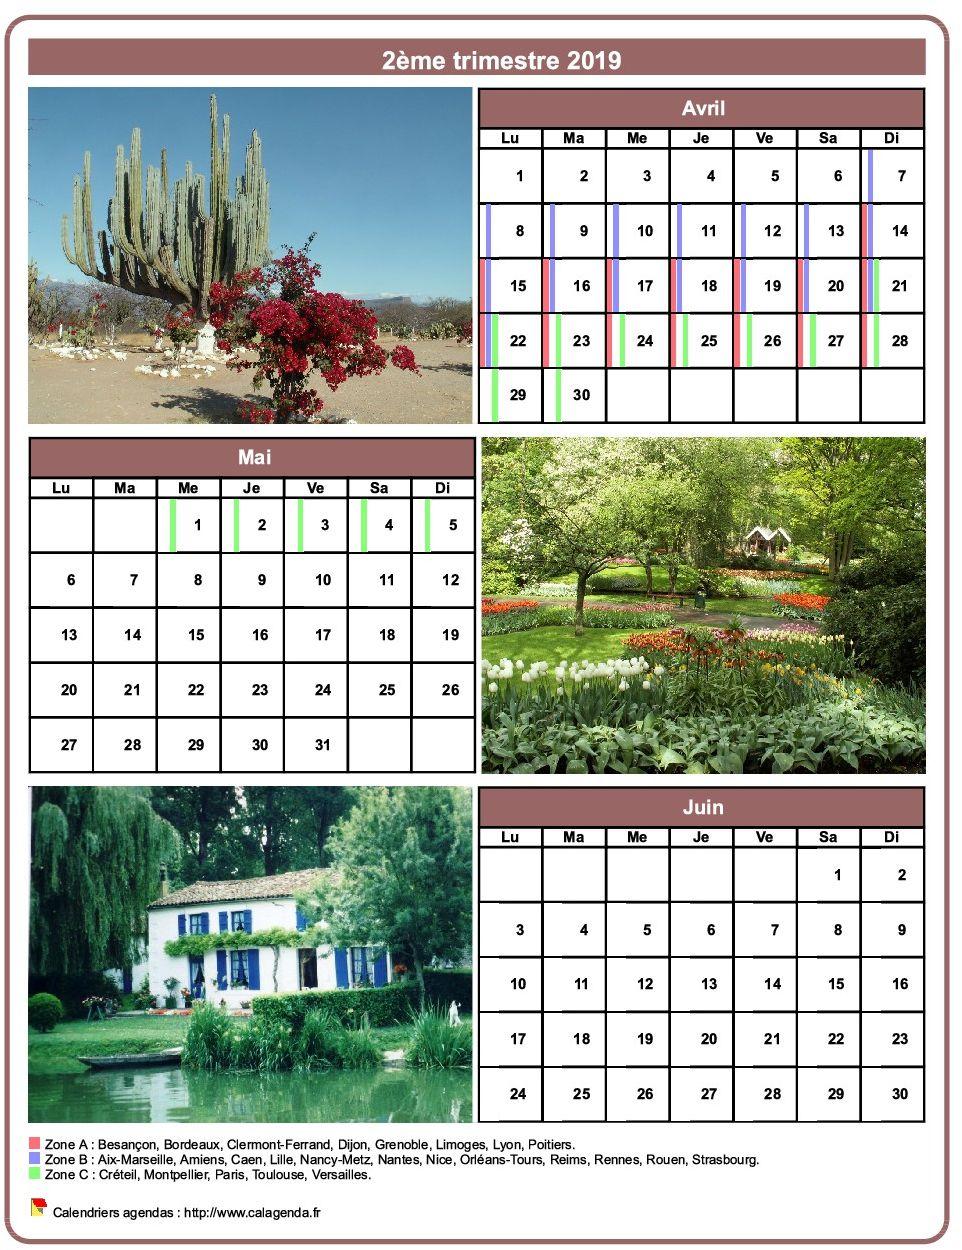 Calendrier 2019 trimestriel avec une photo différente chaque mois